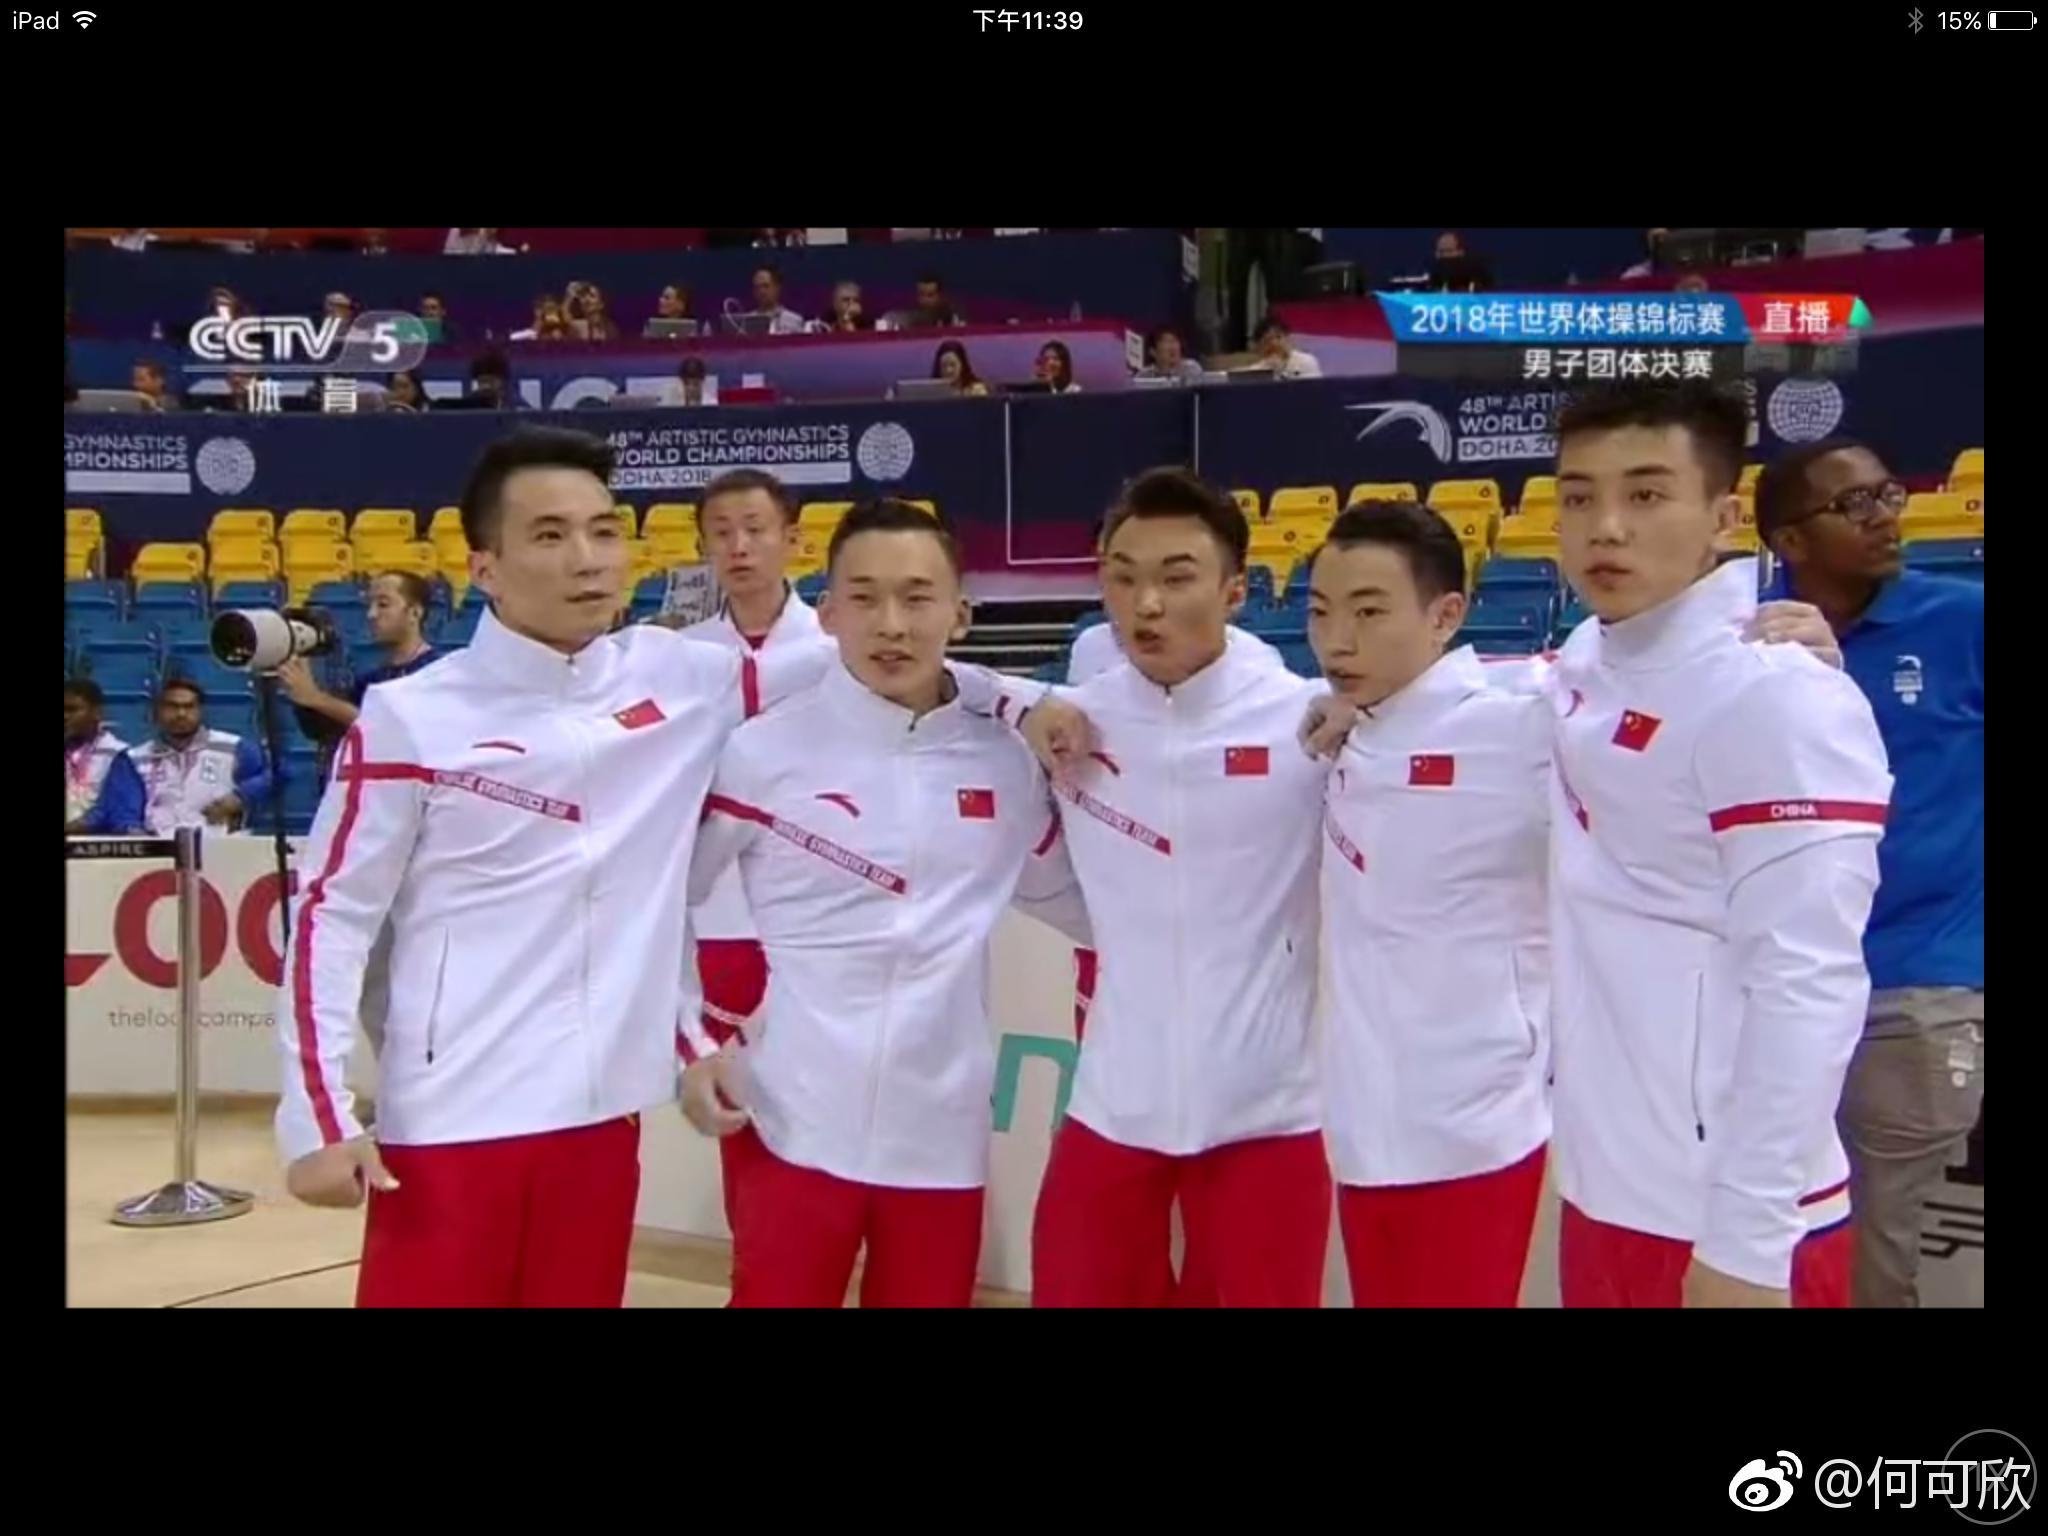 险!只赢0.049分!体操世锦赛中国男团时隔4年夺冠